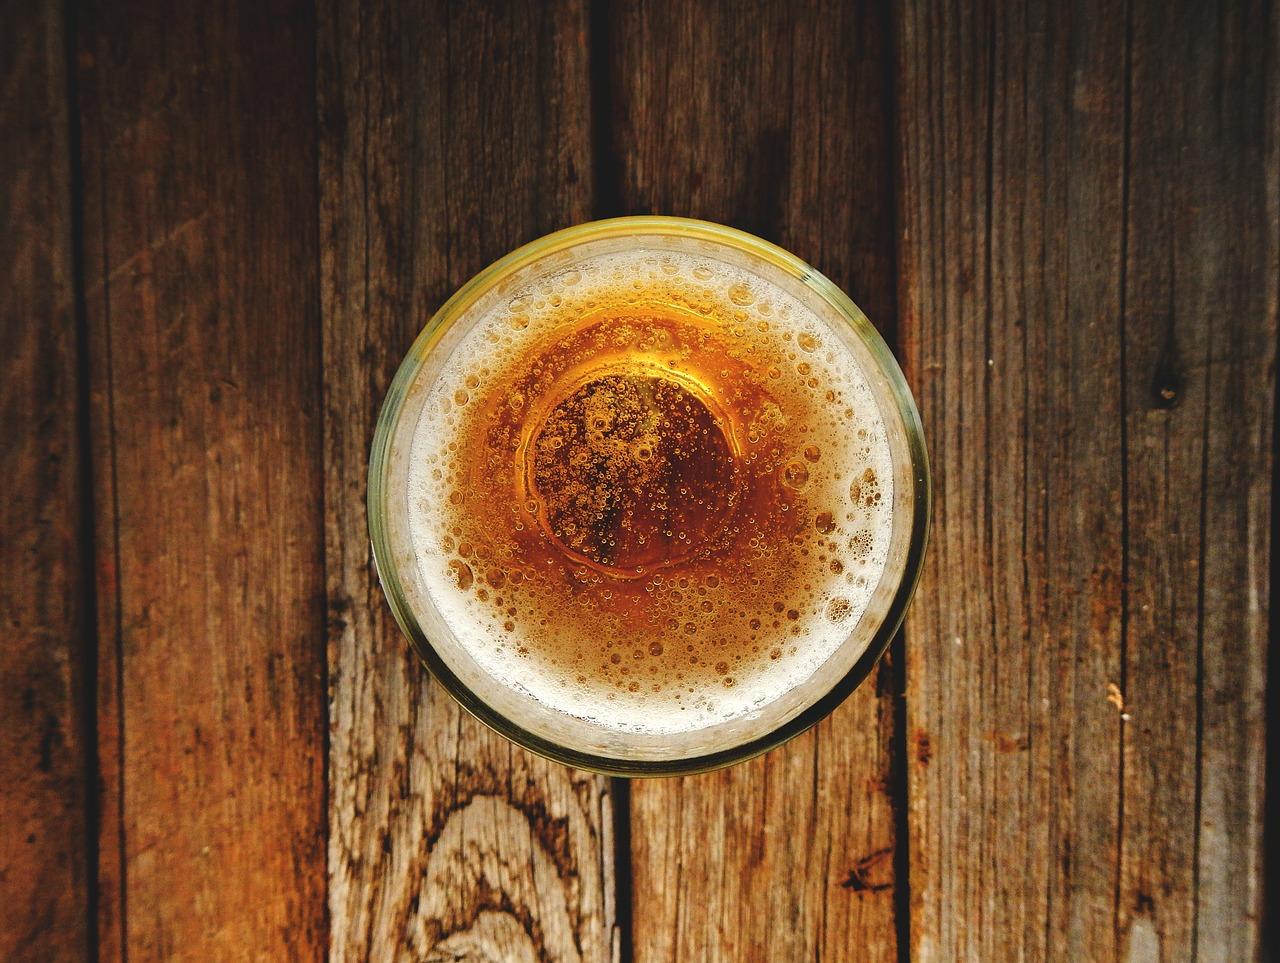 ビールで薬を飲んではいけないの?水か酒か問題は未解決